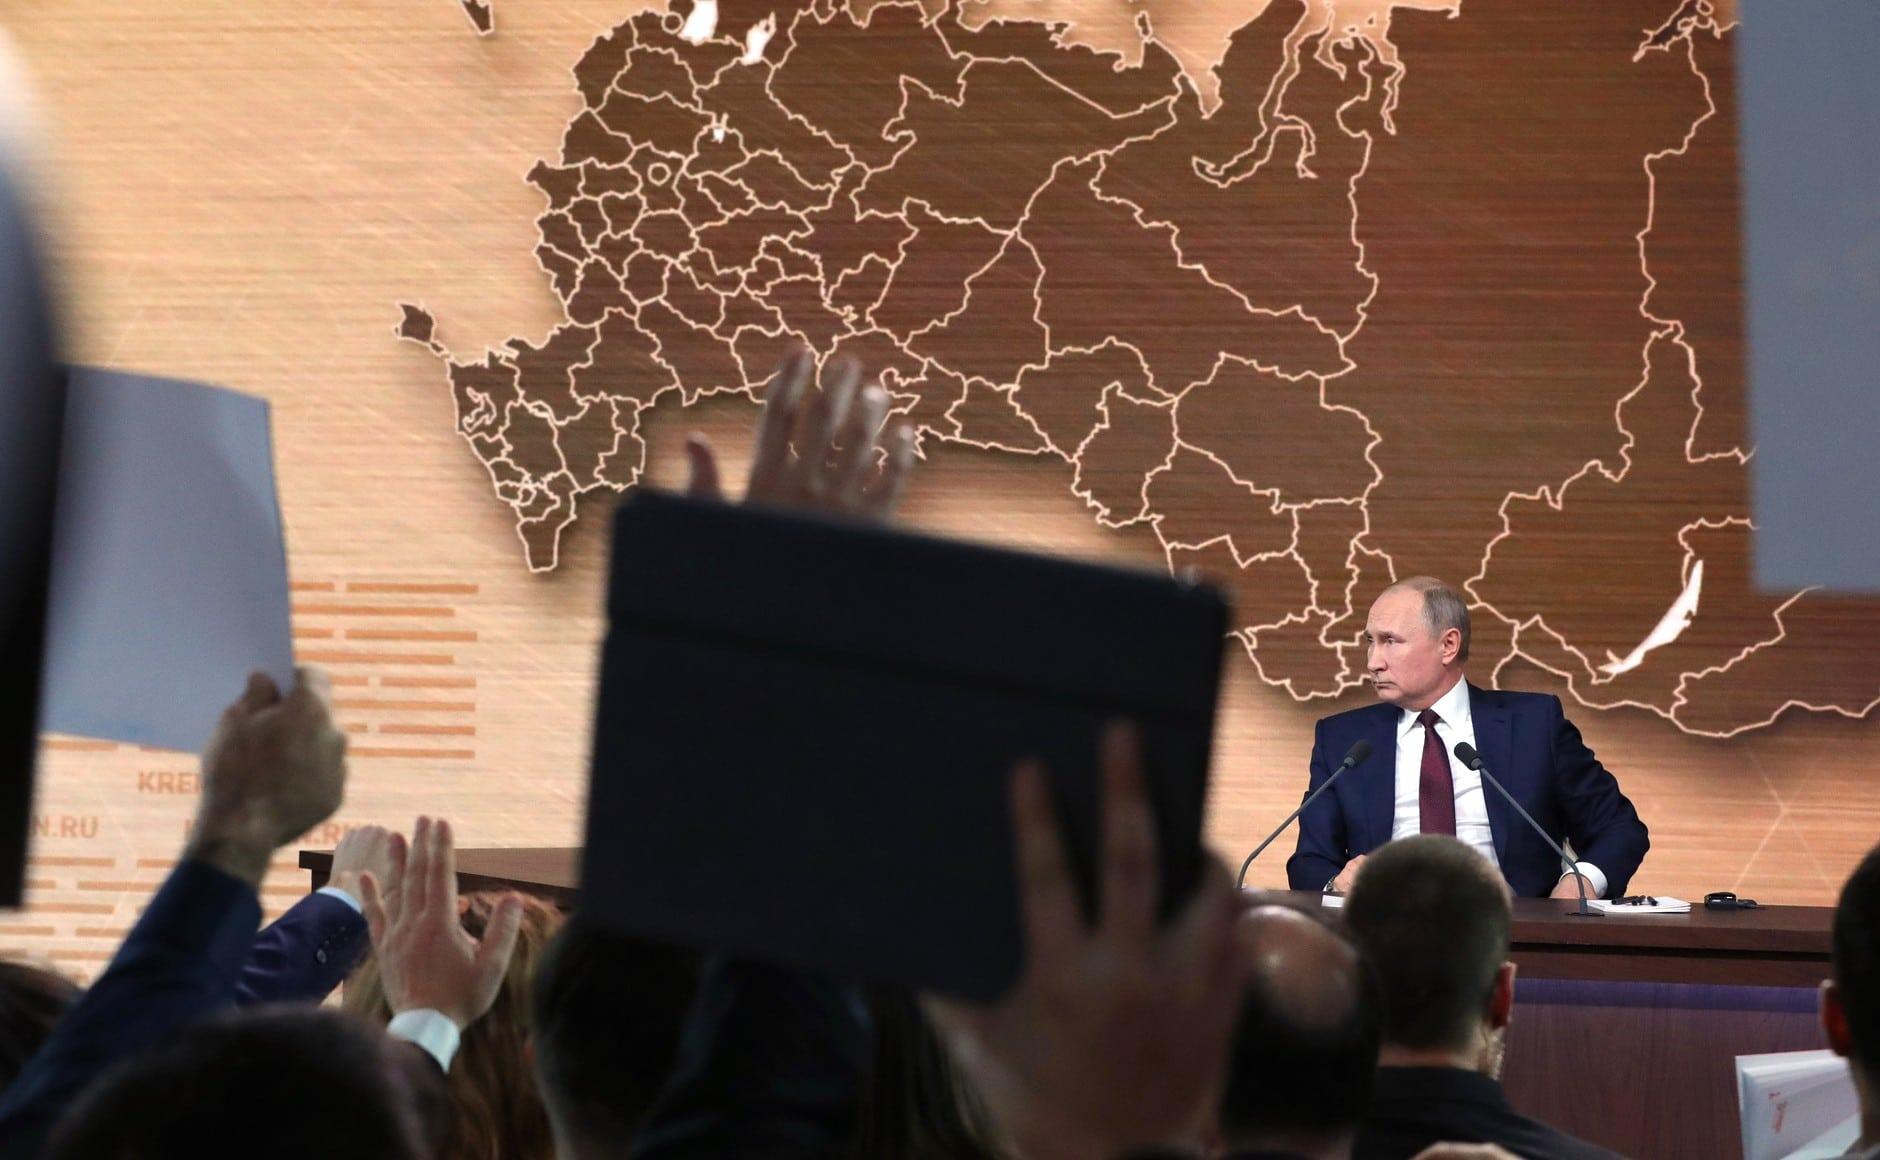 Április 22-én szavaznak Oroszországban az alkotmánymódosításról